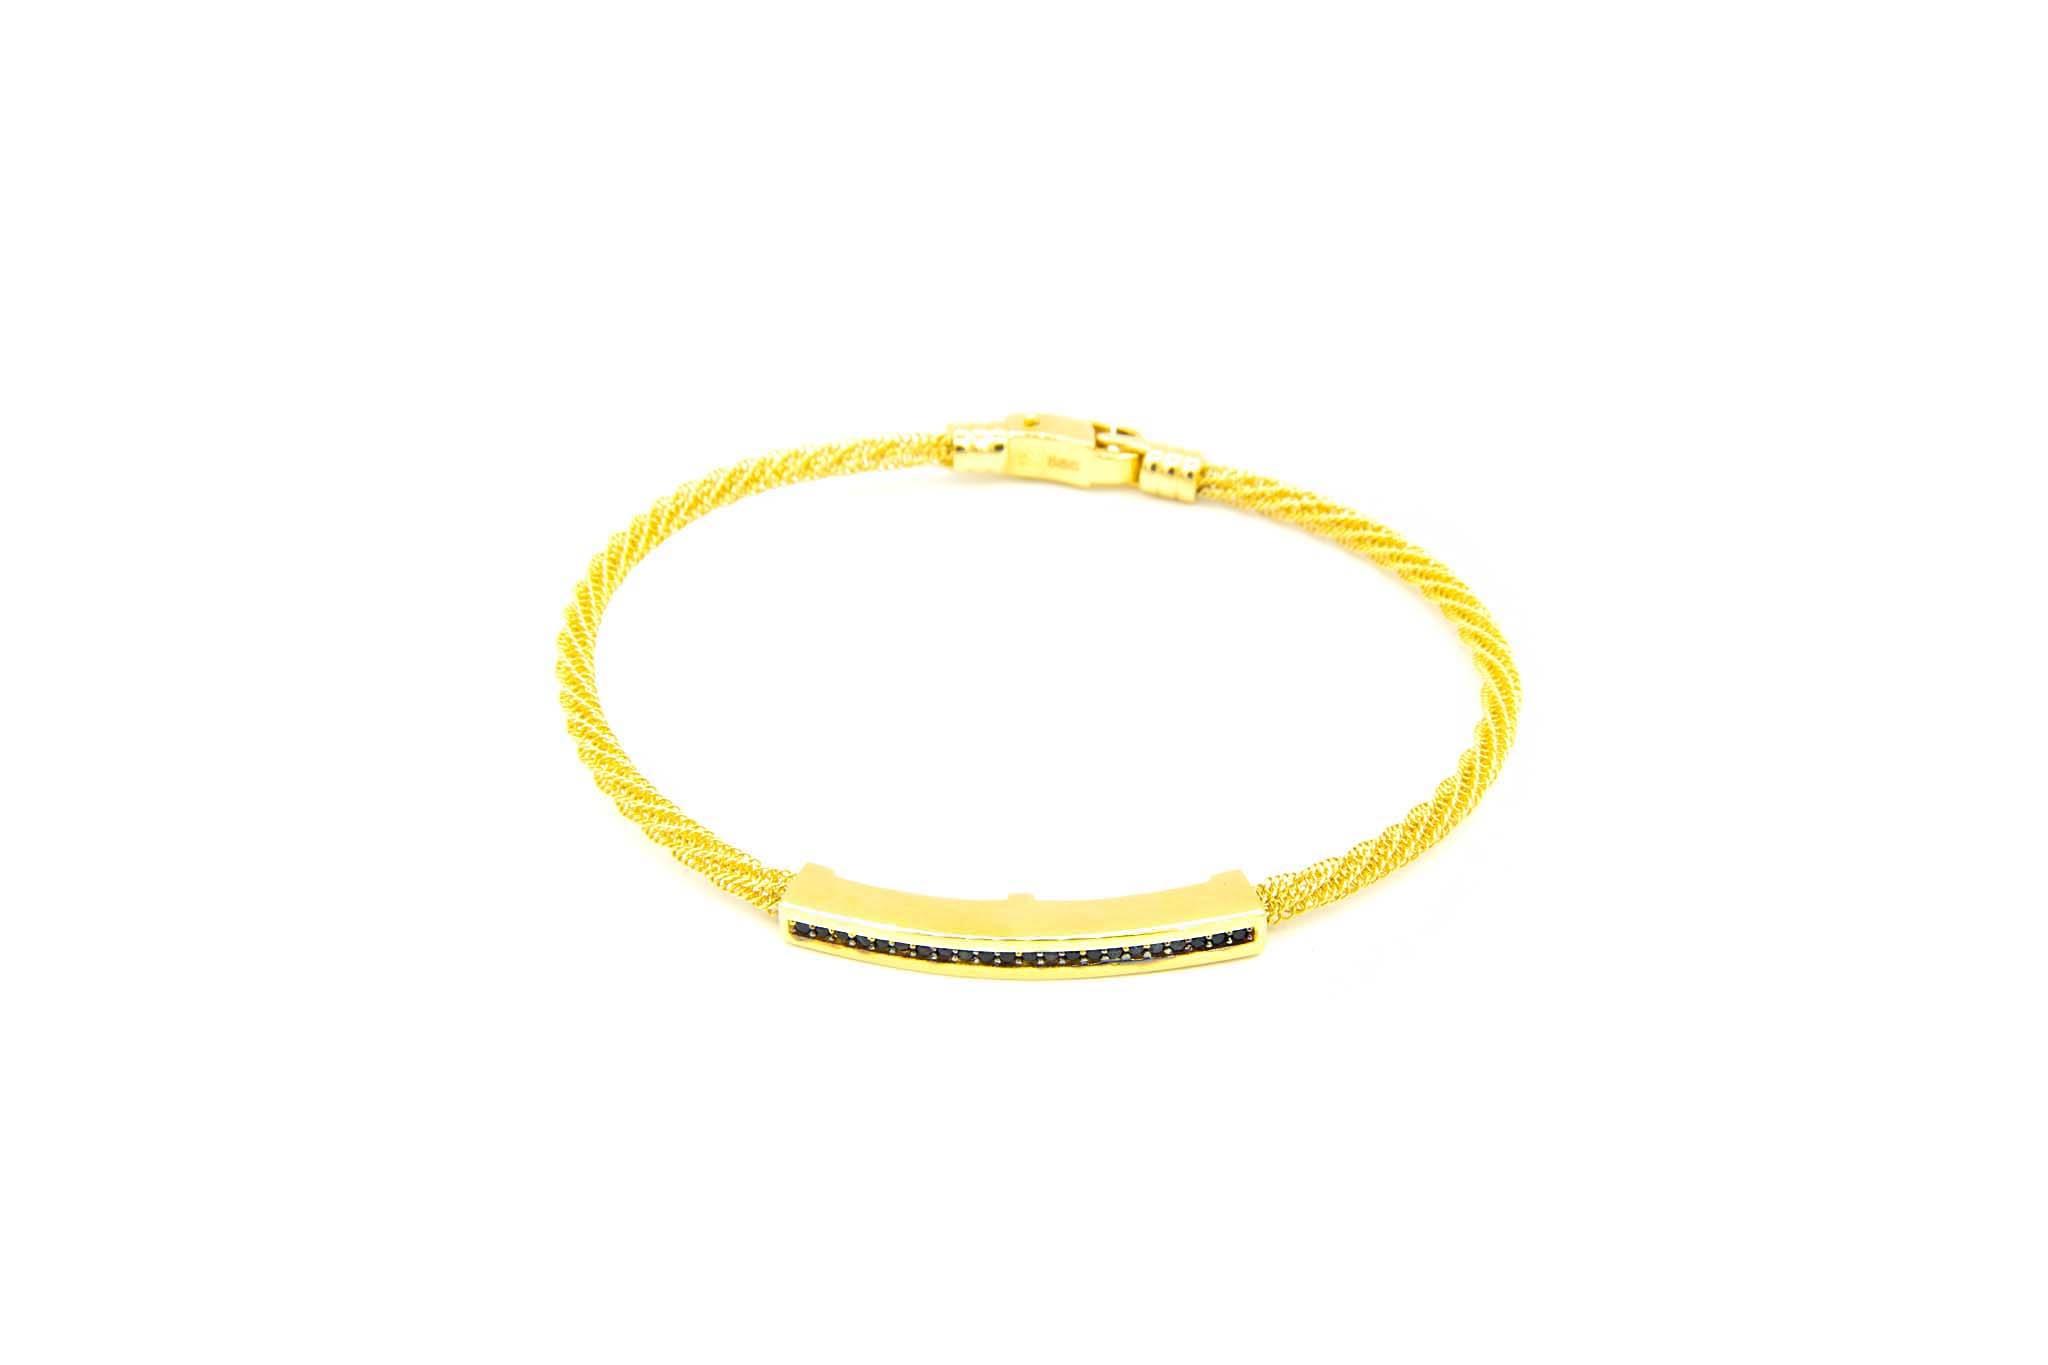 Armband met opengewerkte vaste band en gouden strip ingelegd met zwarte zirkonia's-2